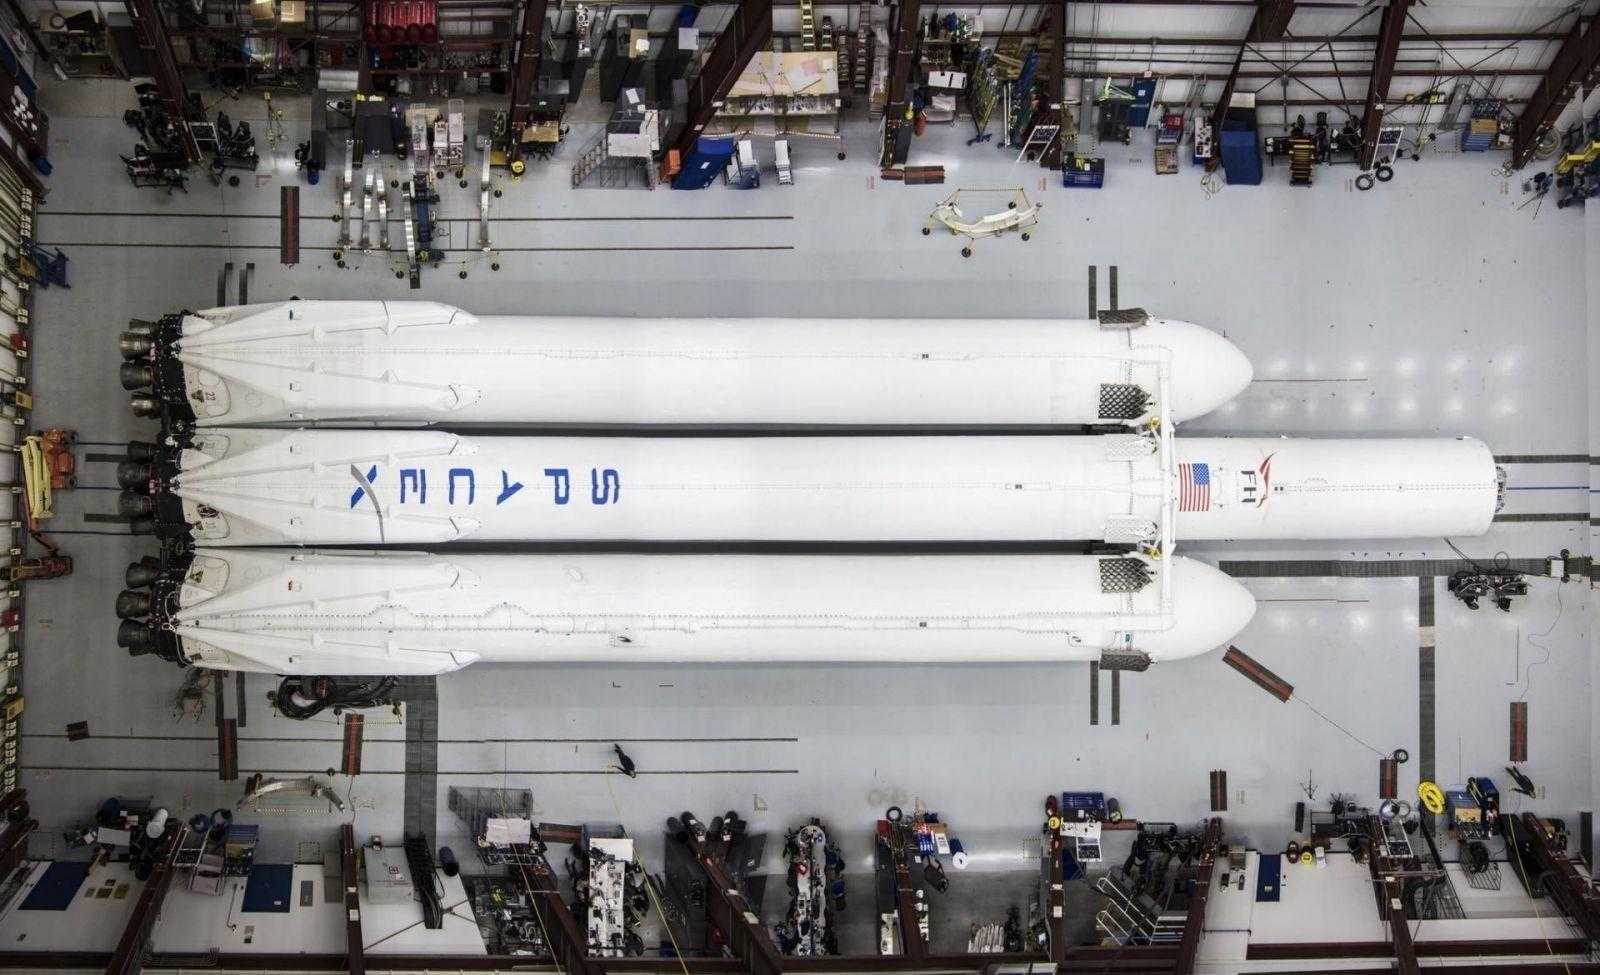 Илон Маск опубликовал фото практически собранной ракеты SpaceX Falcon Heavy